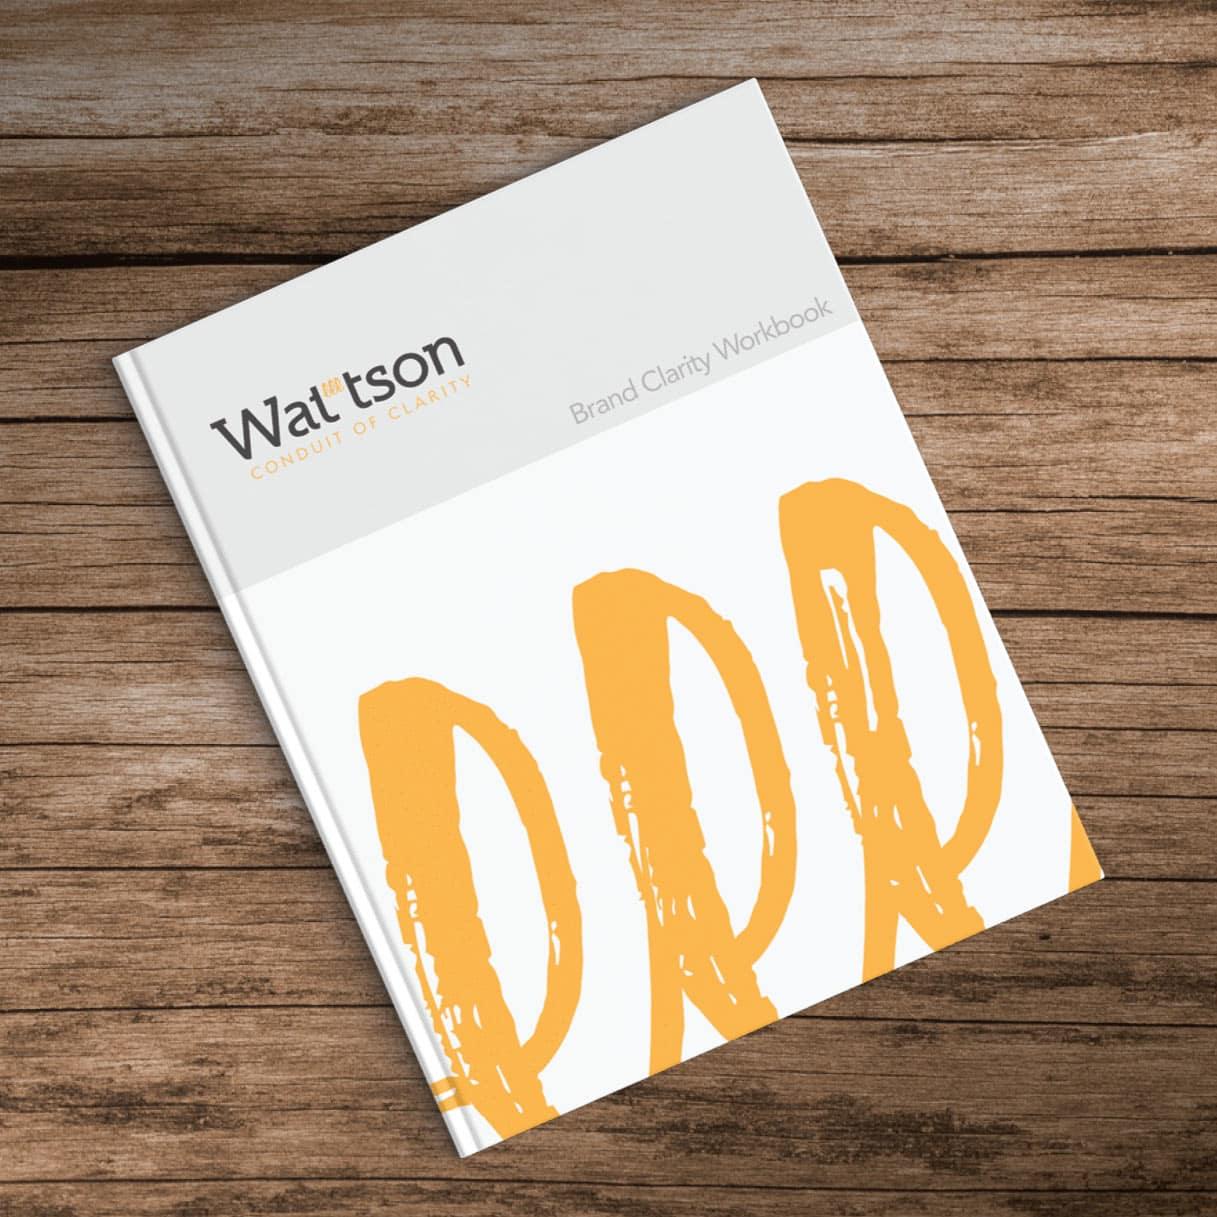 Wattson-Workbook